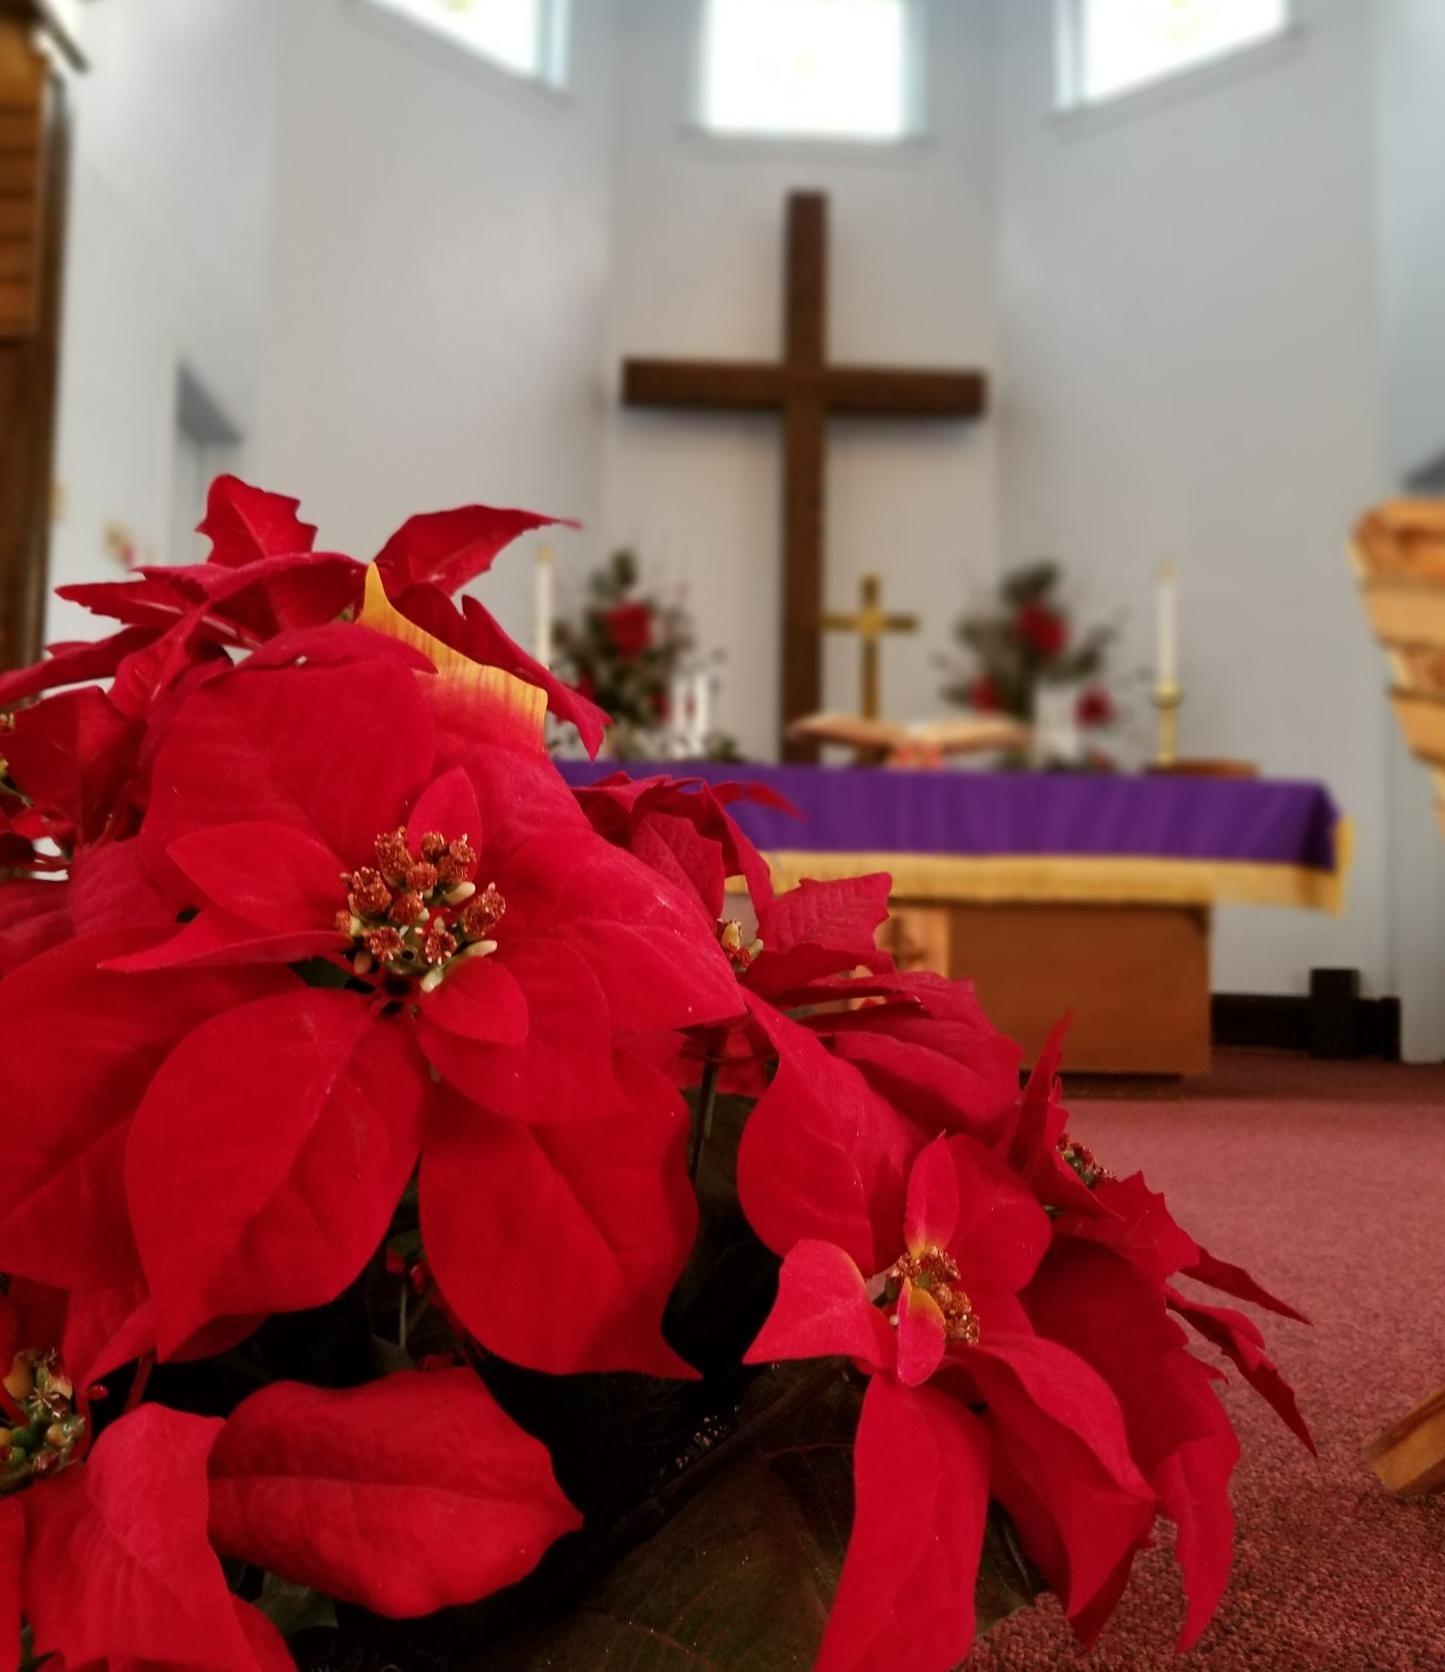 Nous devons passer entre les poinsettias, symbole de la naissance du Christ, pour arriver à la croix, dit le révérend Patrick Lewis des églises méthodistes unies Palisade et Fruita du Colorado. Photo de Patrick Lewis.